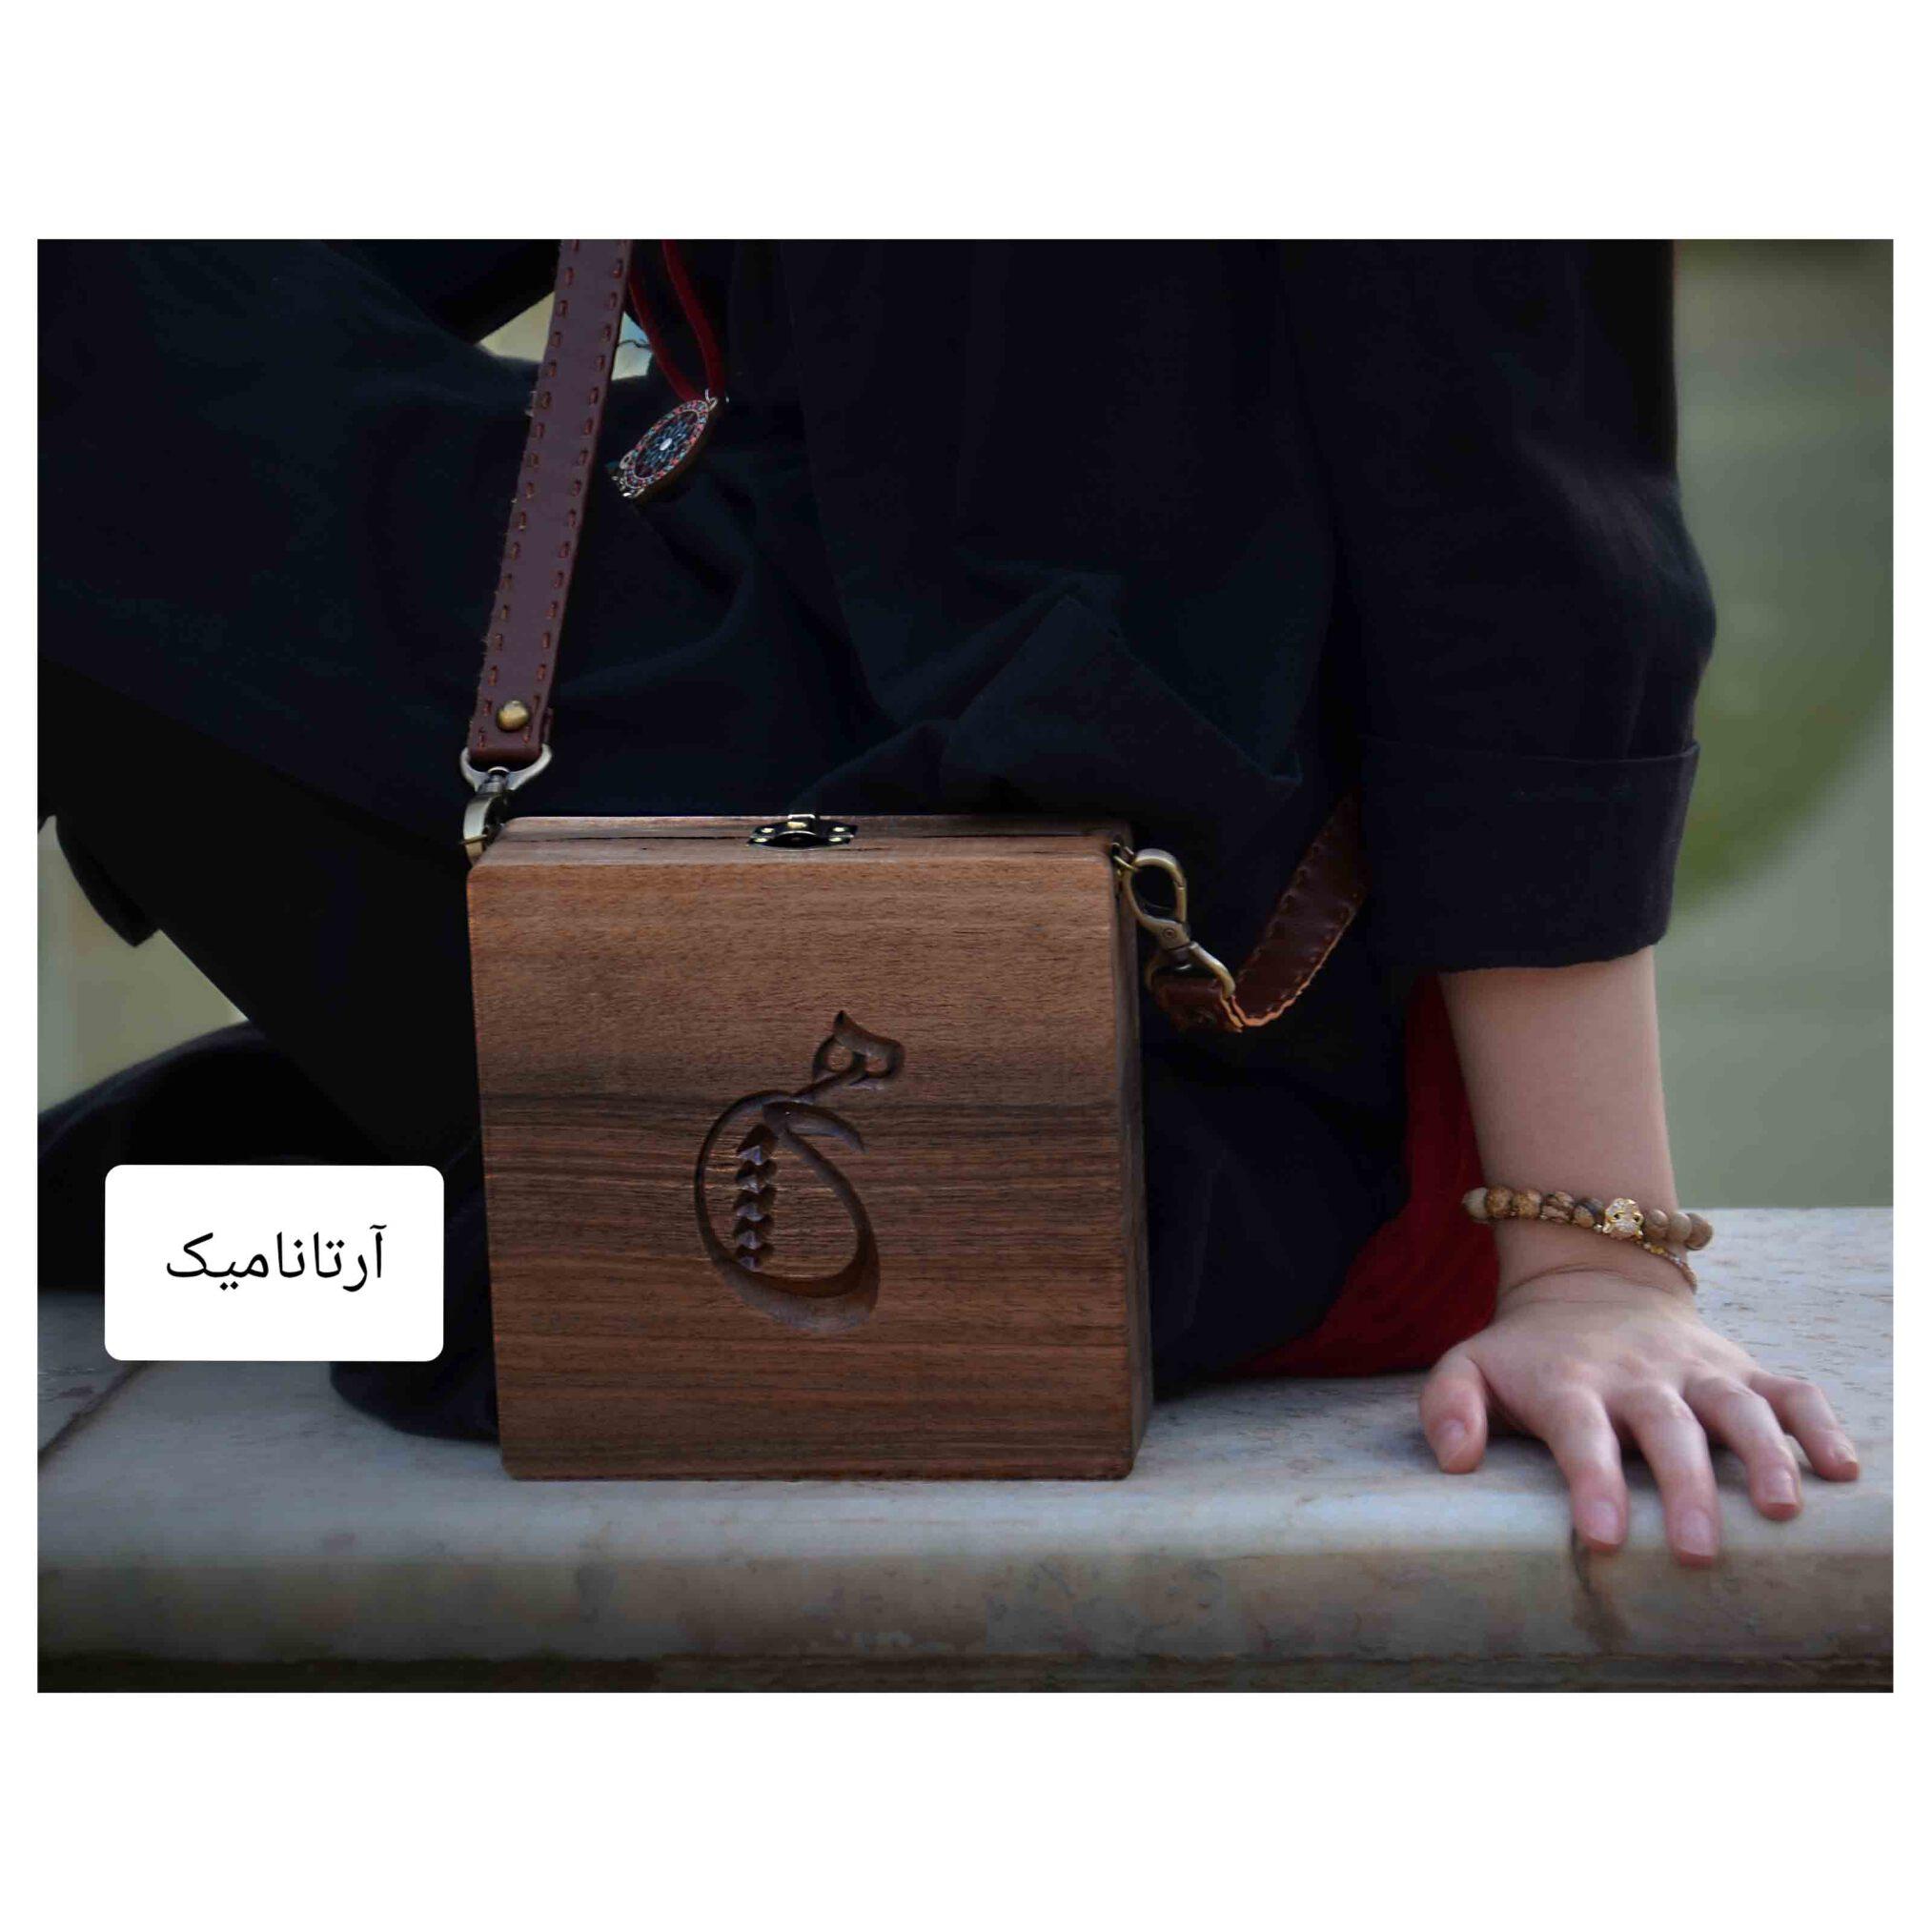 کیف چوبی کادویی طرح هیچ، چرم دوزی شده و ساخته شده از چوب گردو